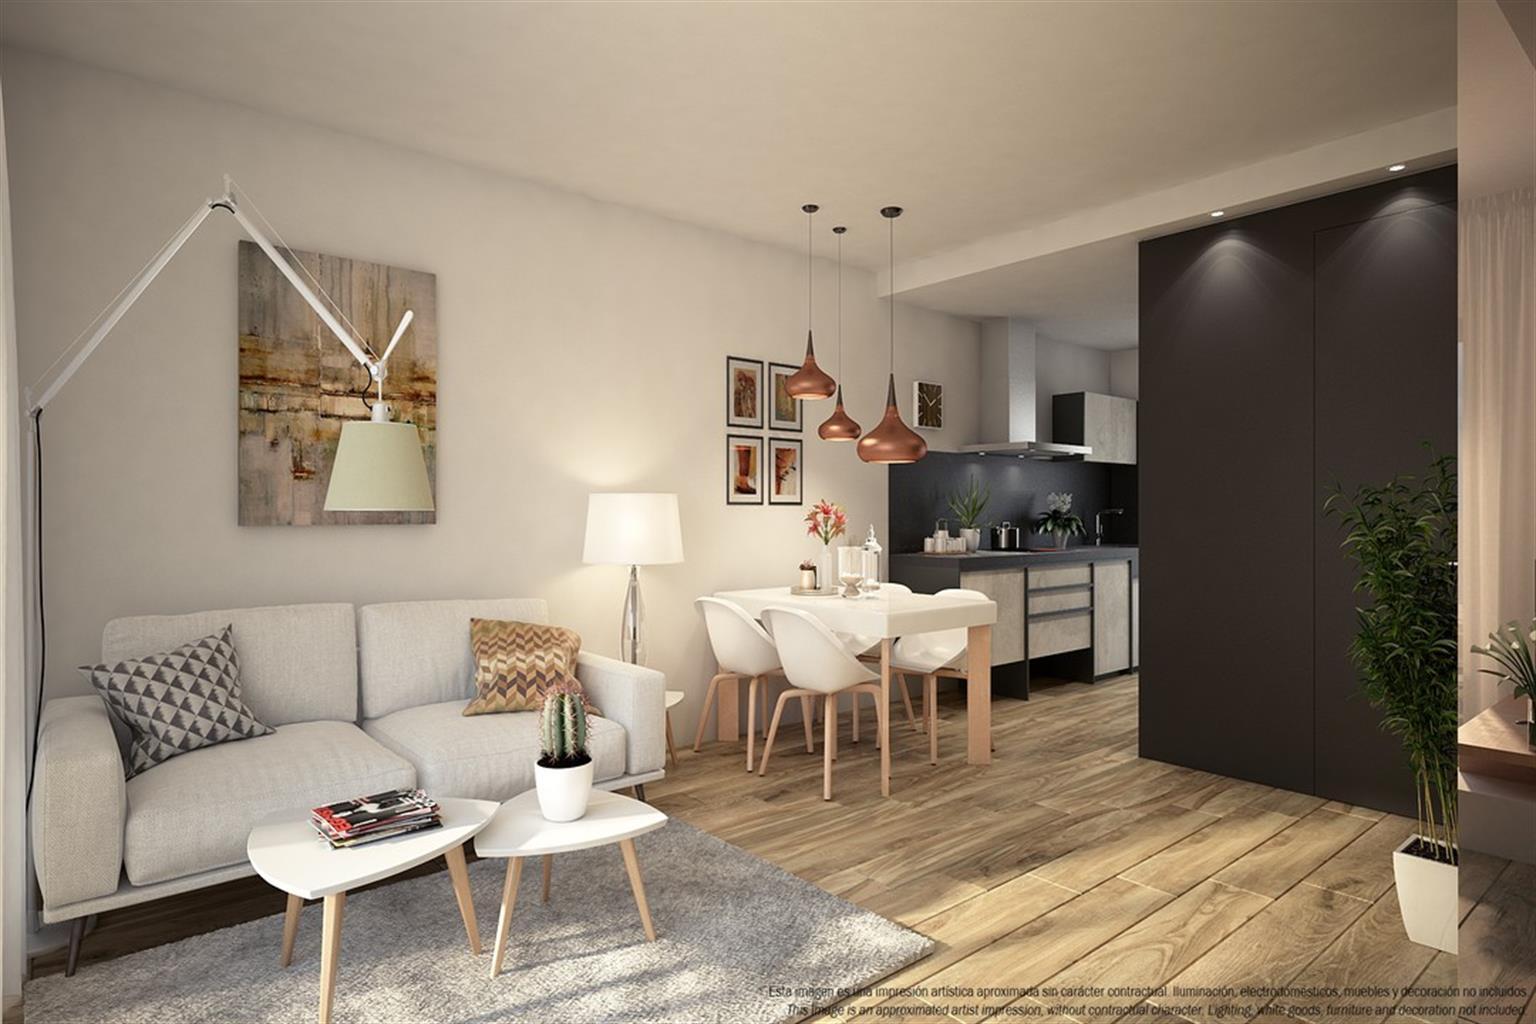 Appartement - Punta prima  - #4230209-41